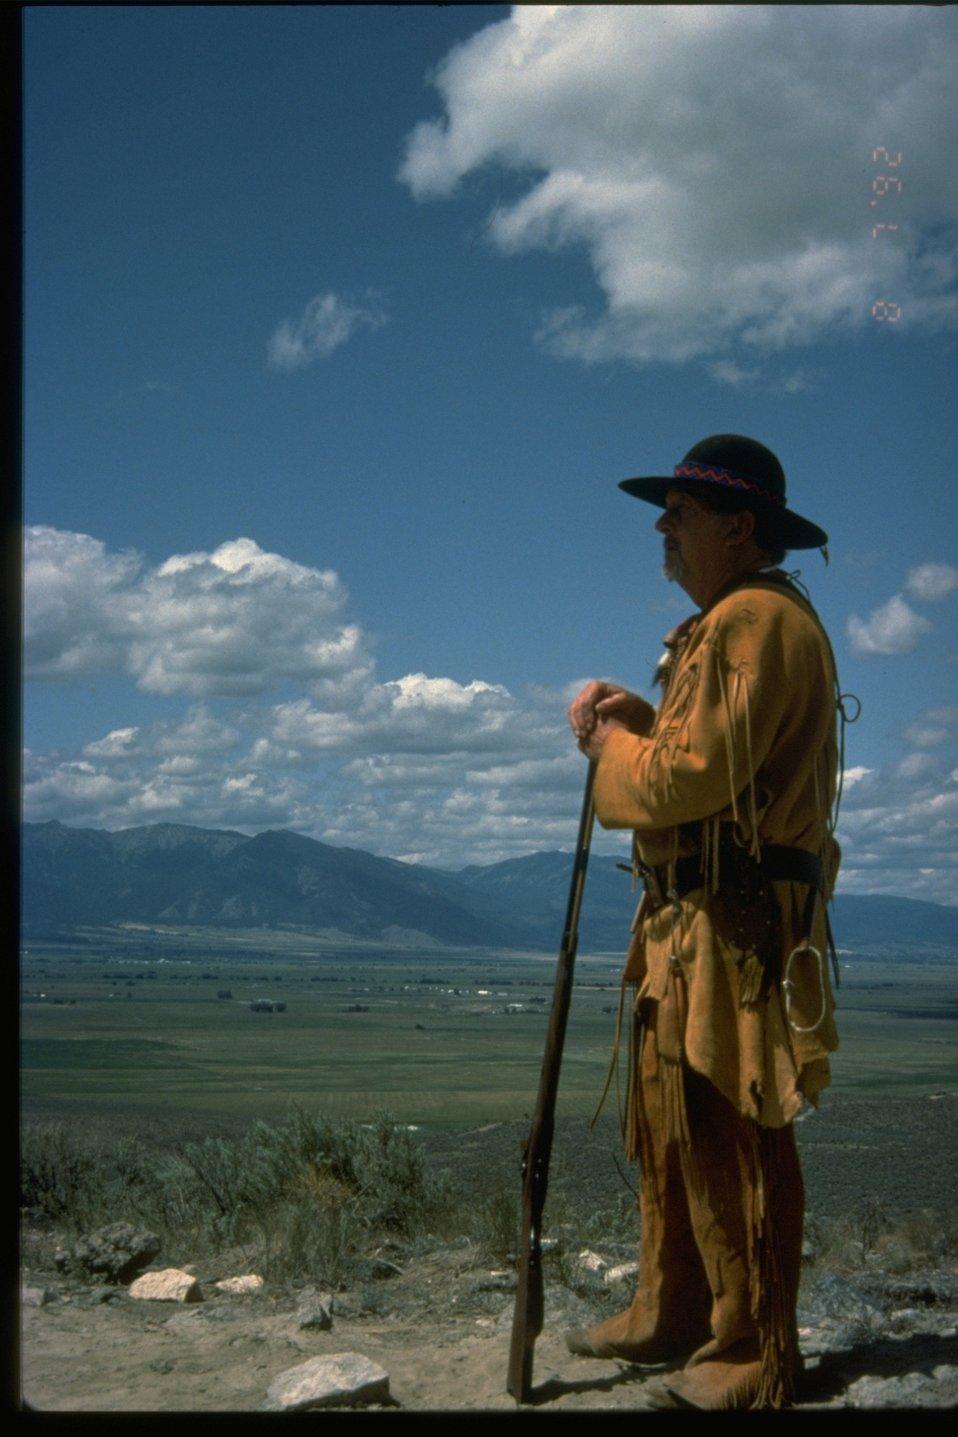 Mountain Man pioneer re-enactor.